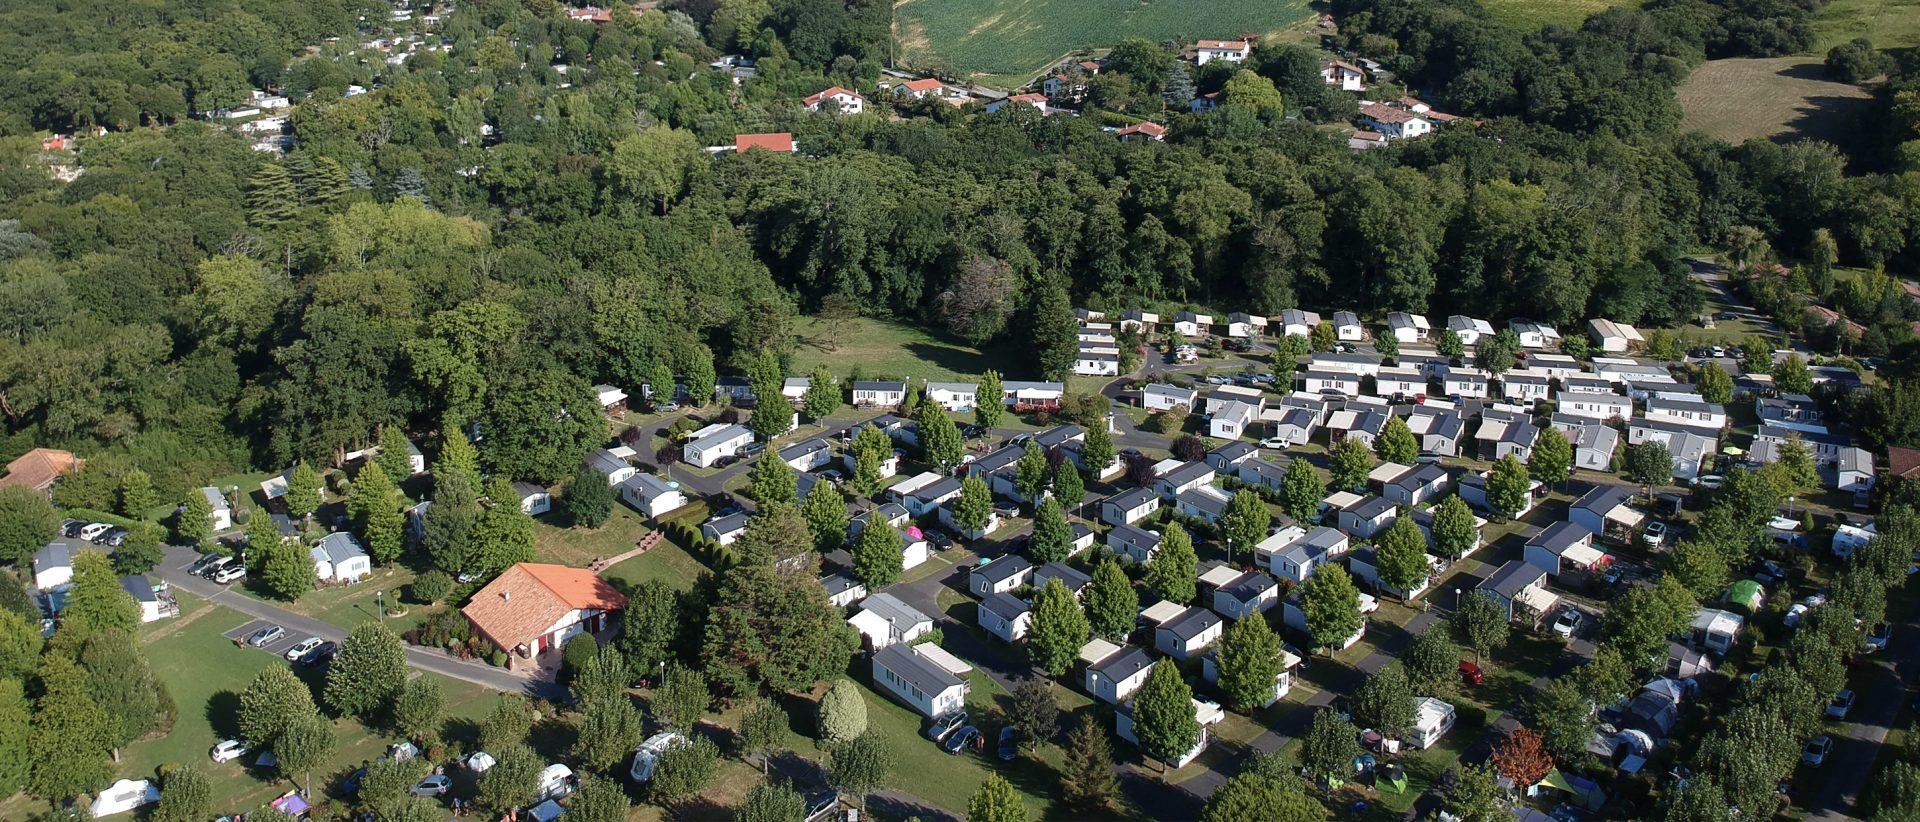 Camping Eskualduna : vue aérienne du camping au pays basque